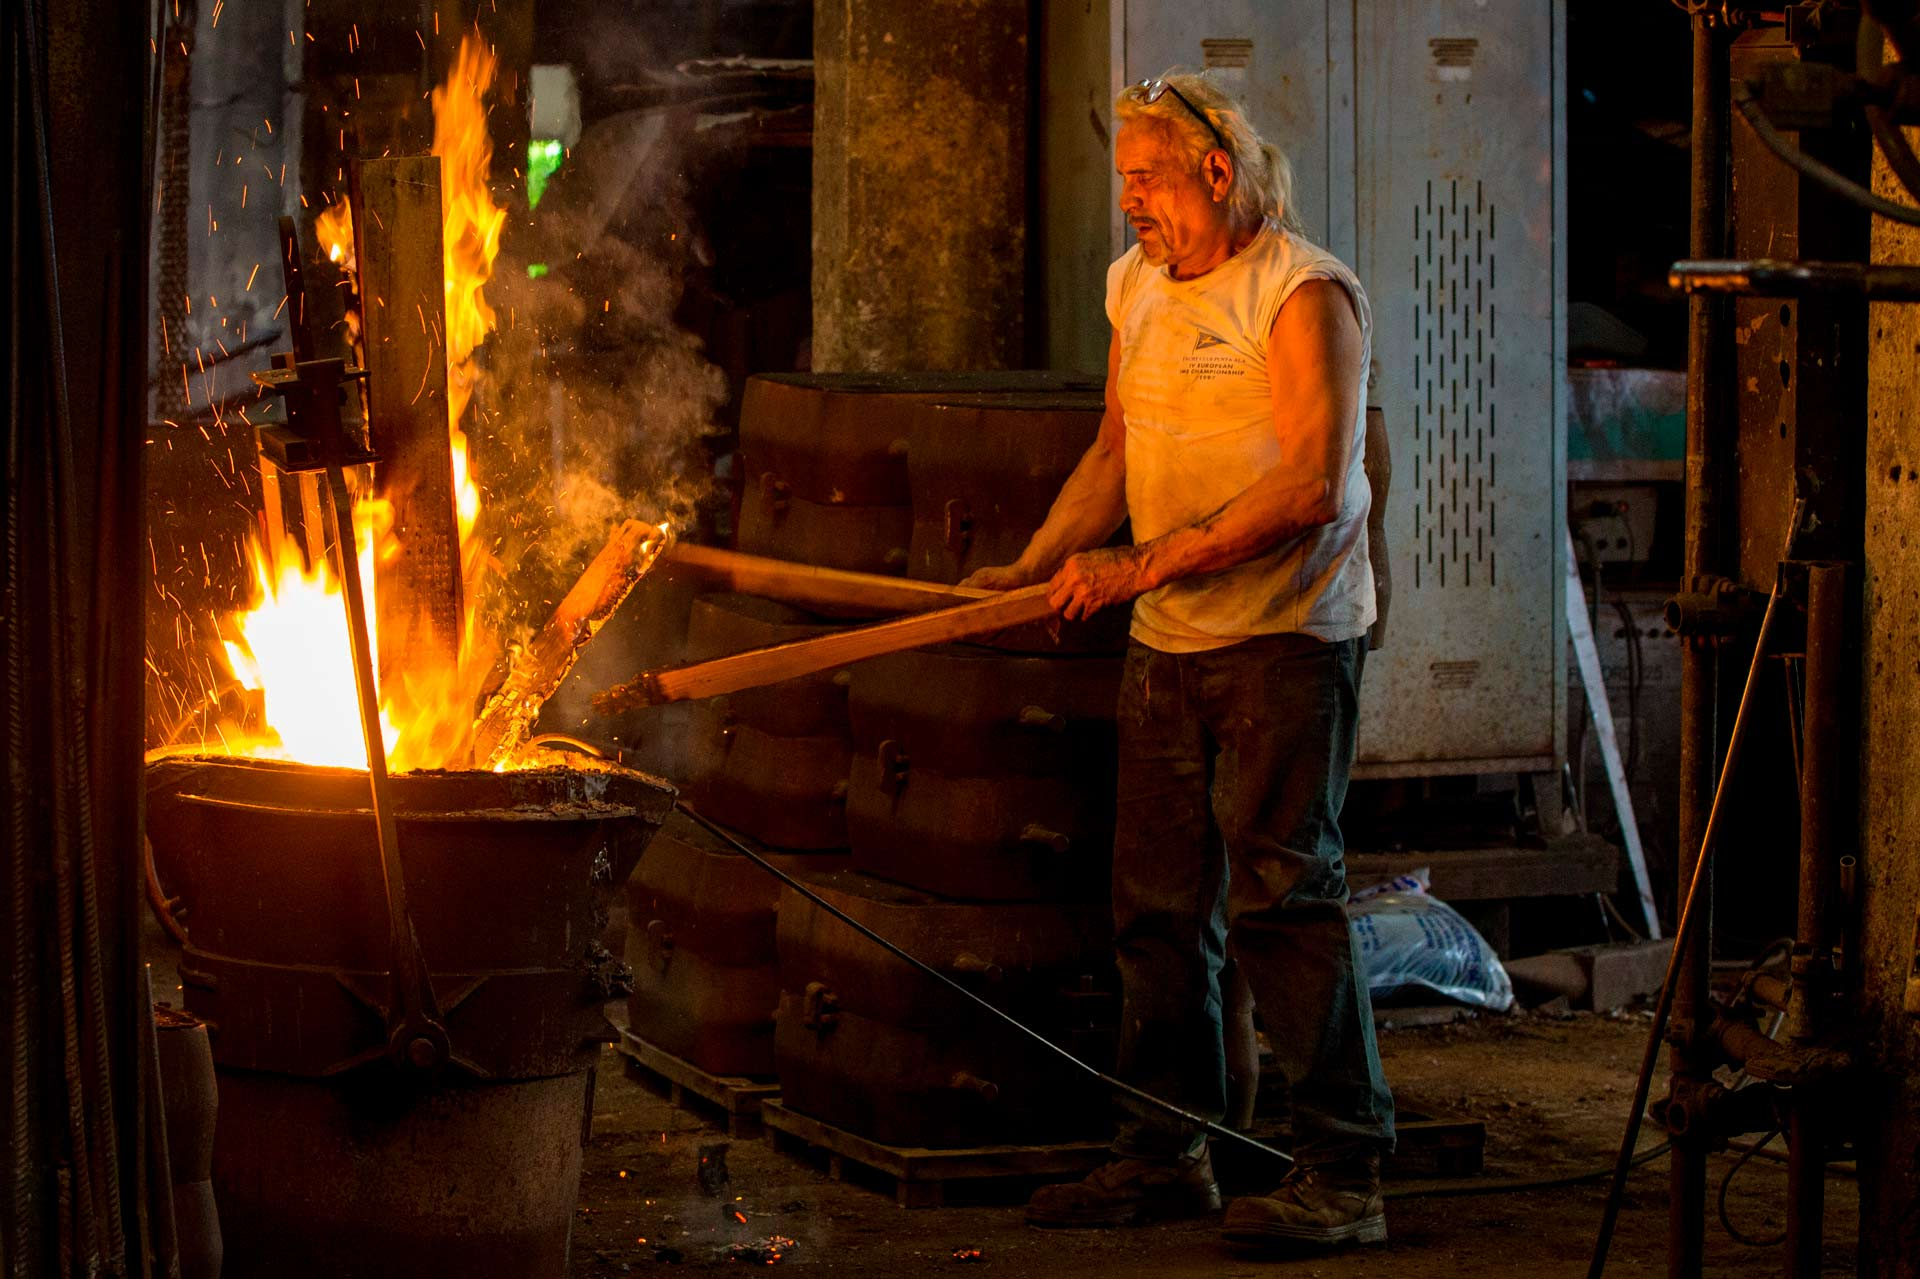 Molto spesso il lavoro in fonderia viene paragonato al lavoro in miniera, in verità – dice Omero – è vero che in fonderia si lavora in condizioni estreme, ma in piena sicurezza, ma è anche vero che è un lavoro che da tante soddisfazioni.